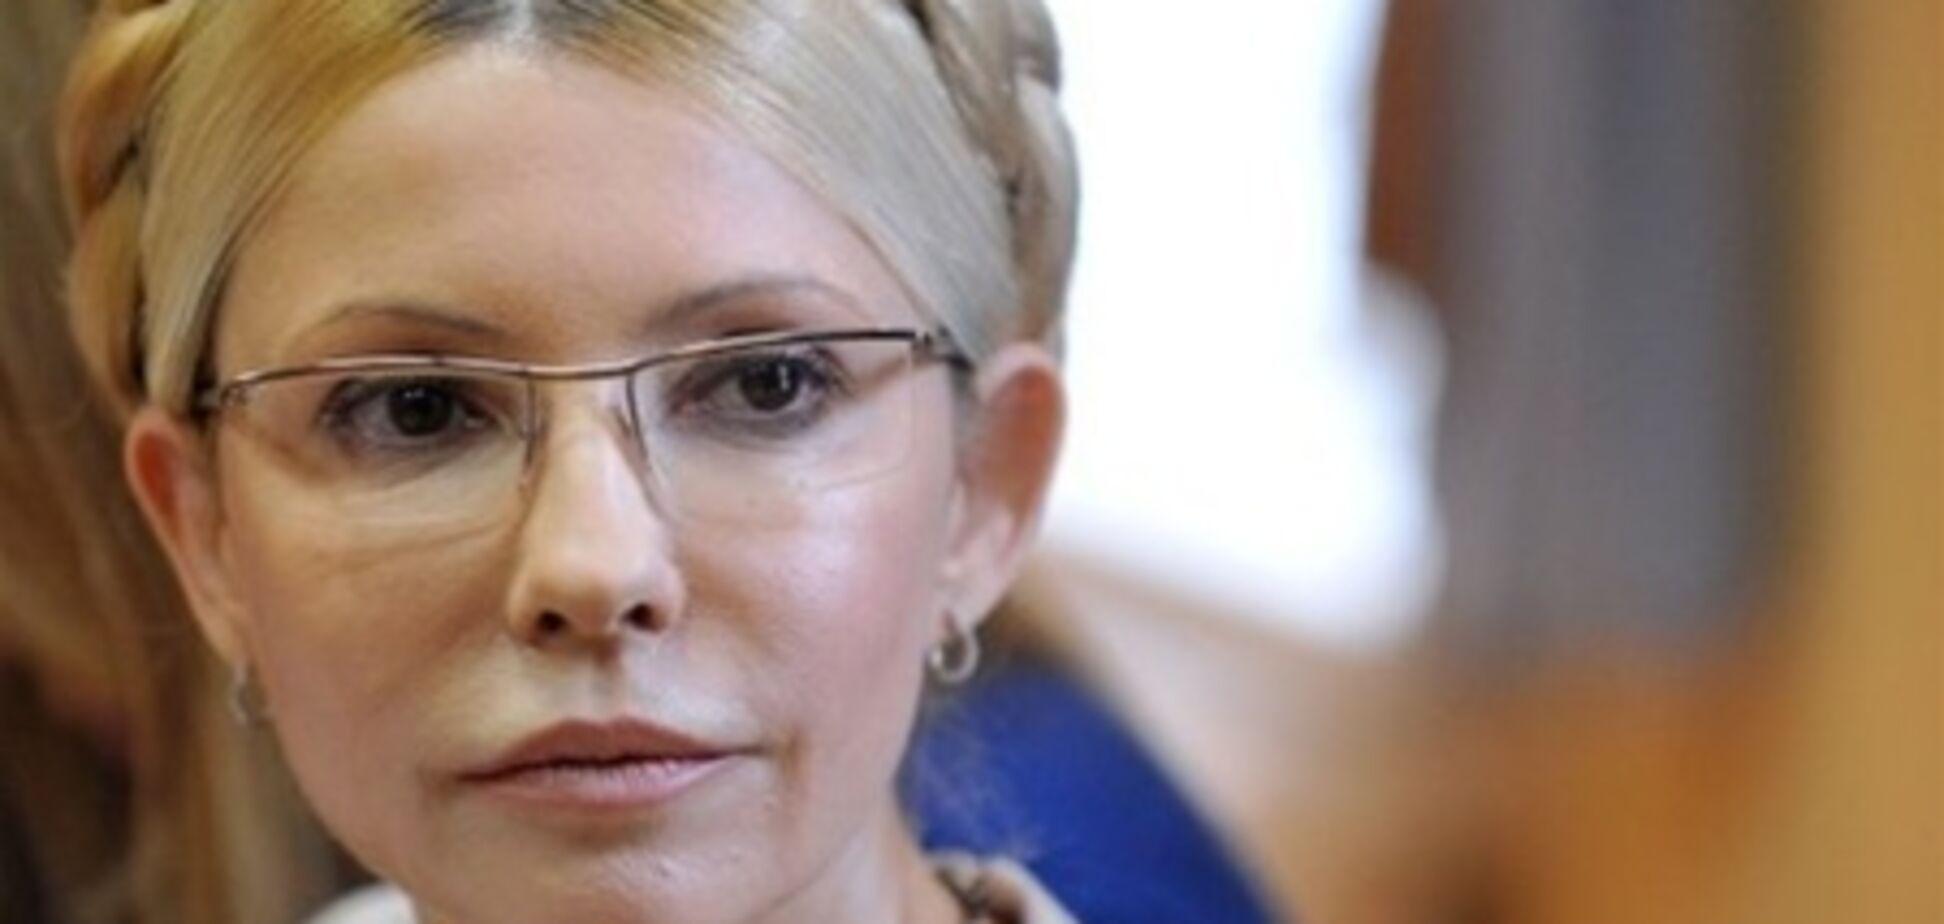 Прихильники Тимошенко розповіли, як під колонією пили за неї